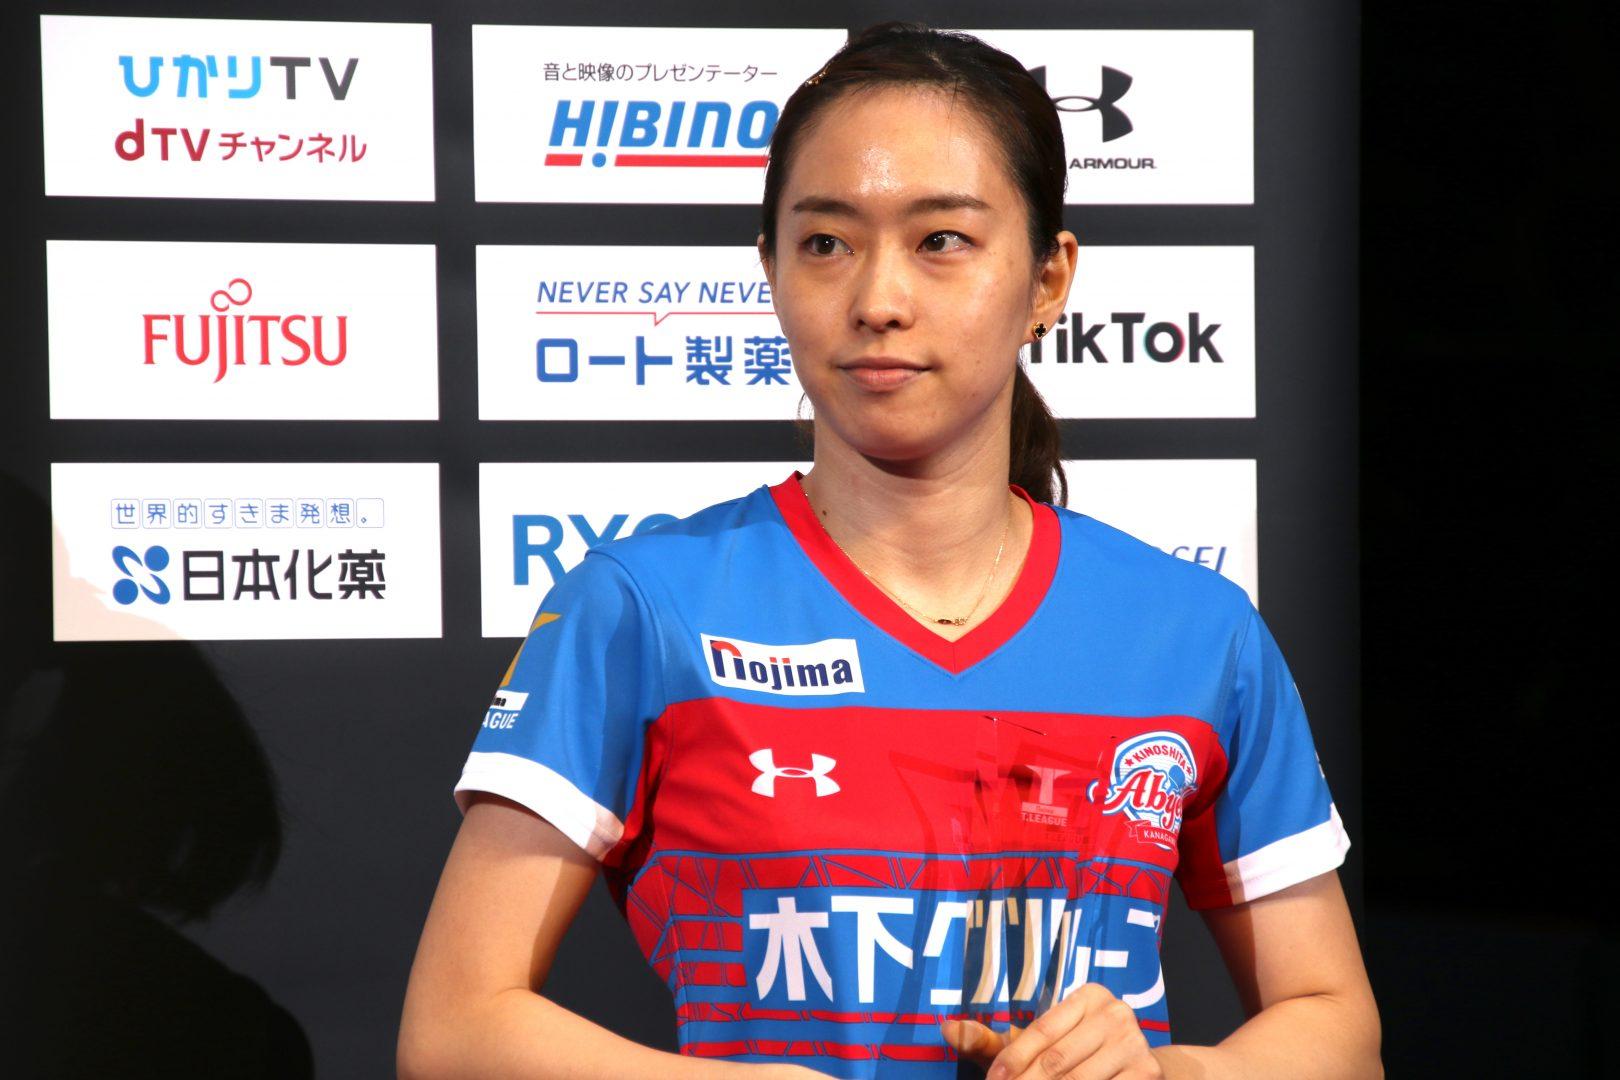 【卓球・Tリーグ】石川佳純、優勝逃すもTリーグに満足「楽しかった」